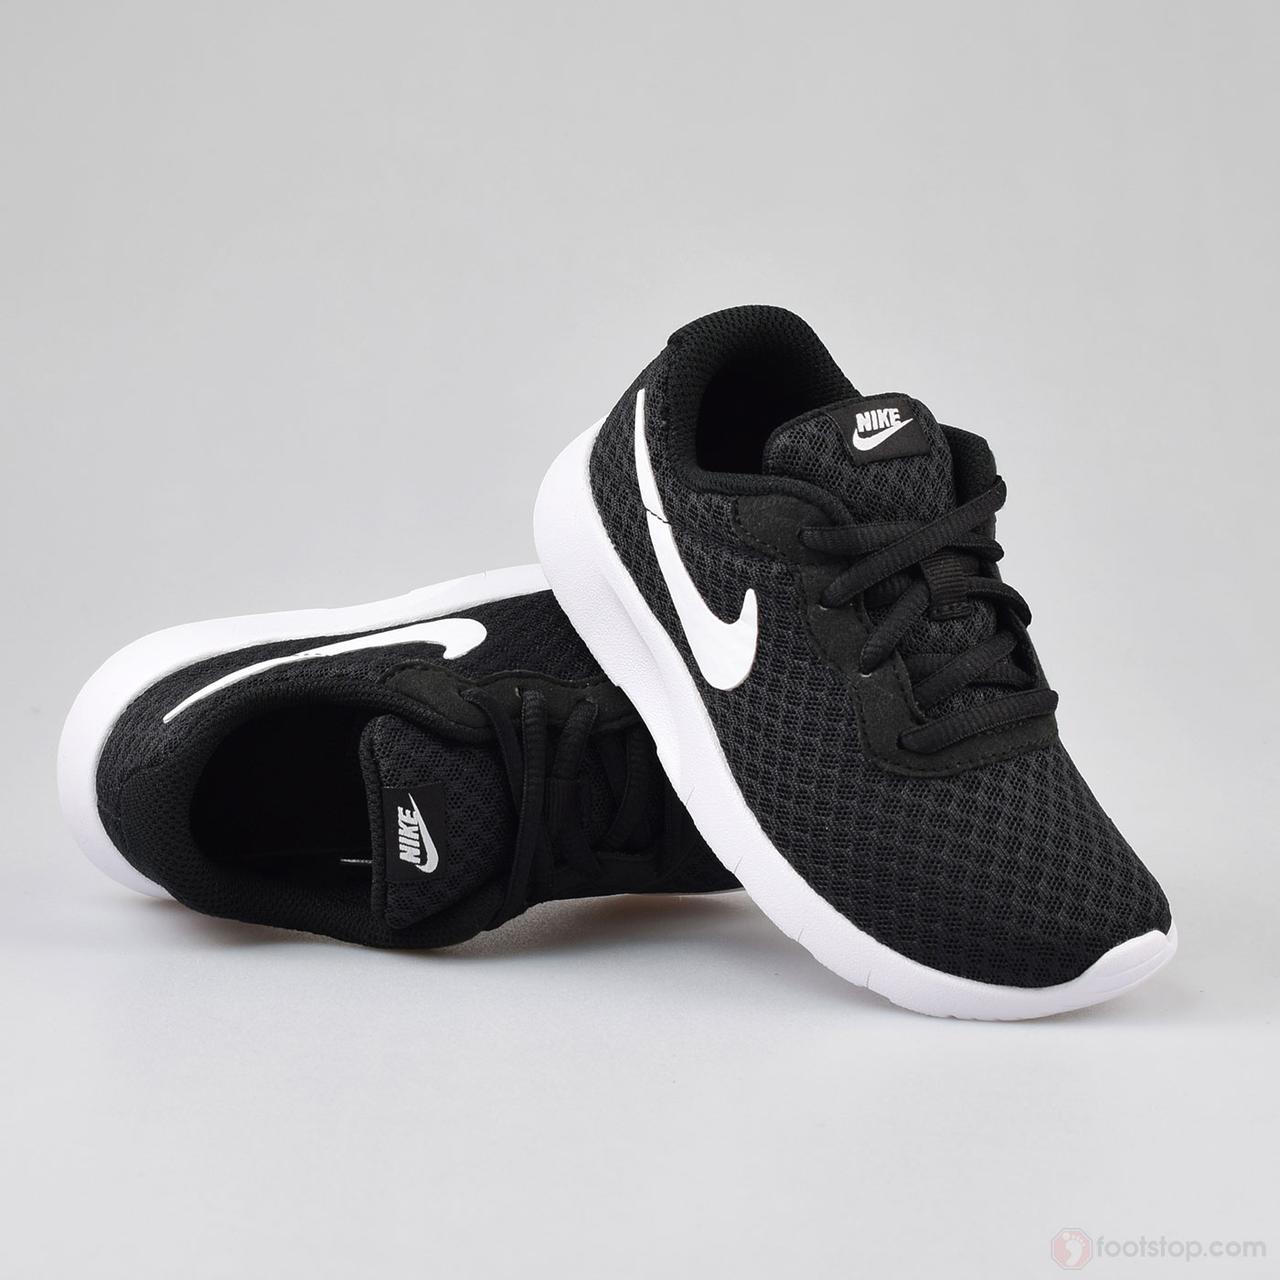 7a786315 Детские Кроссовки Nike Tanjun Ps 818382-011 (Оригинал) - Football Mall -  футбольный